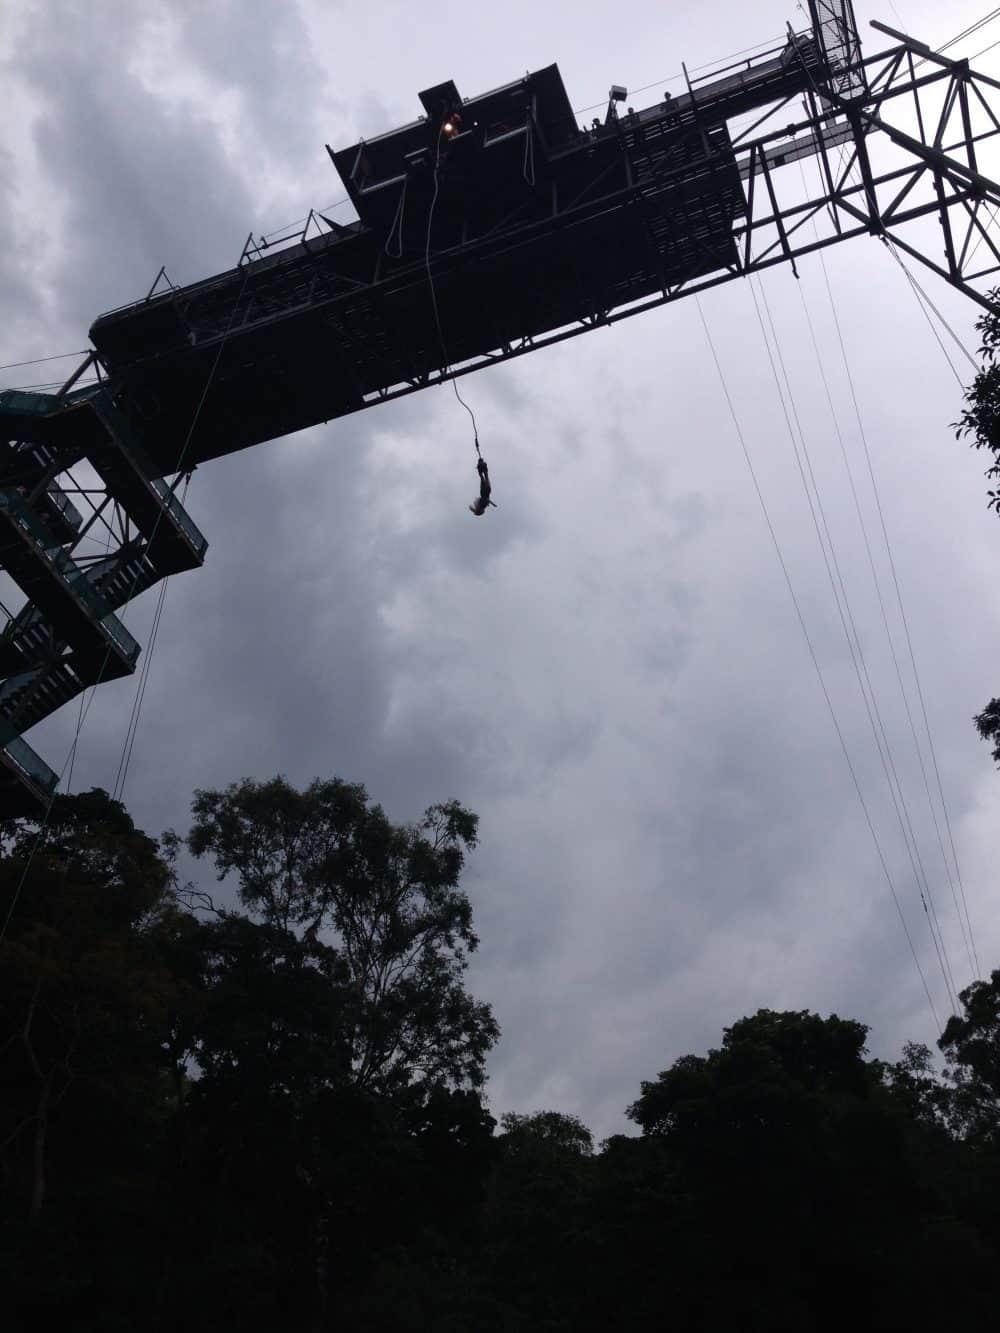 Bungee jump near Cairns